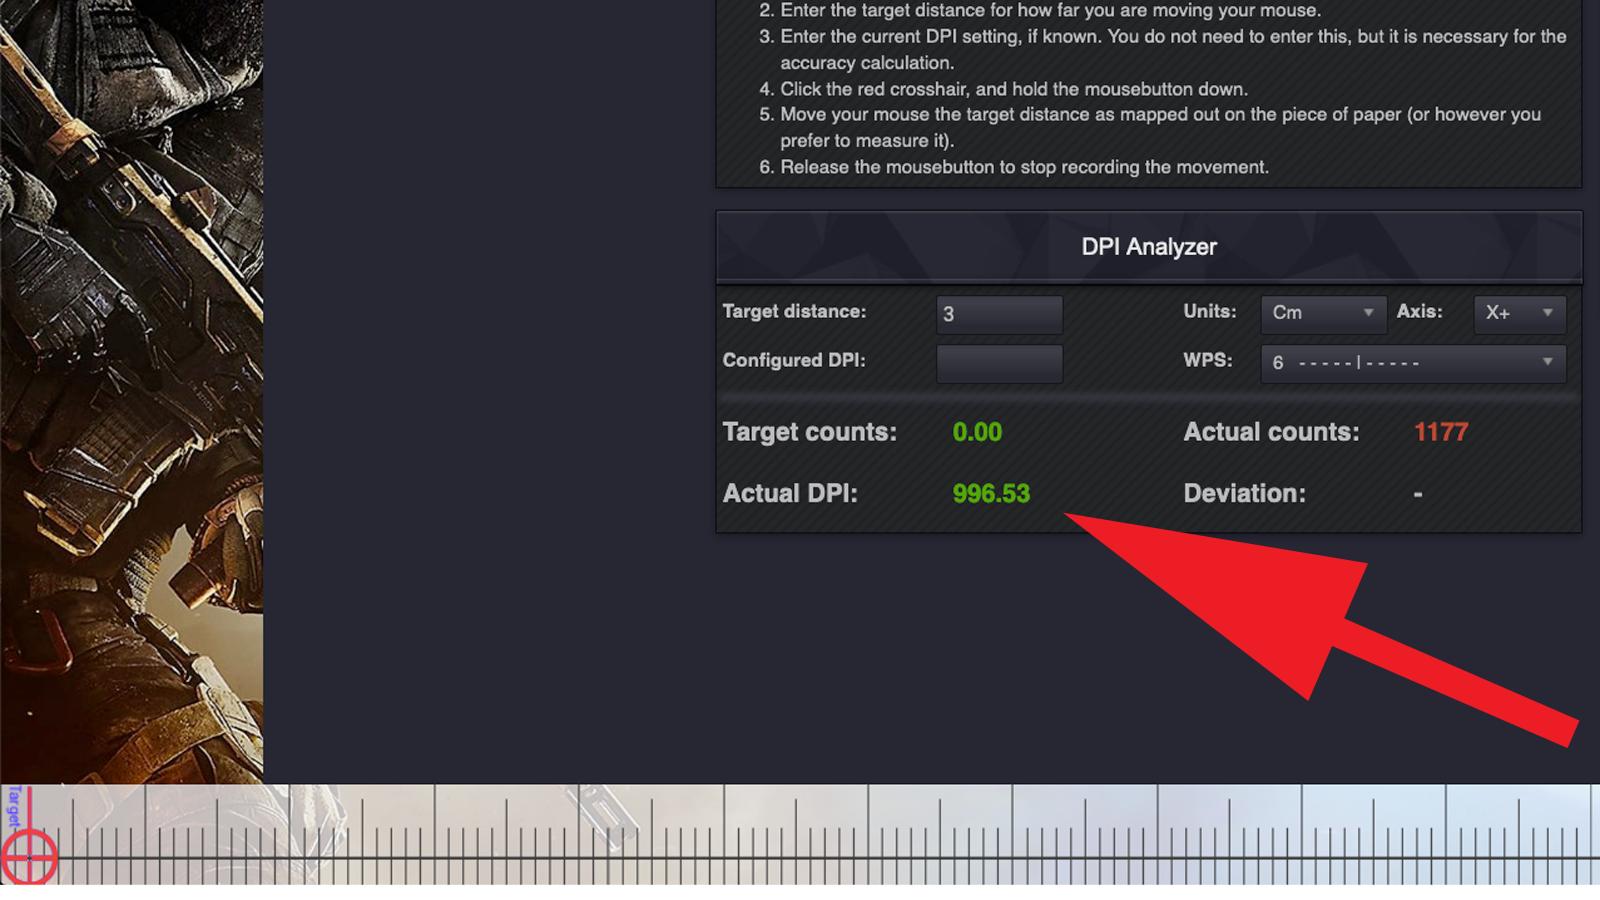 Cómo verificar el DPI de su mouse en Mac: Calculadora de DPI